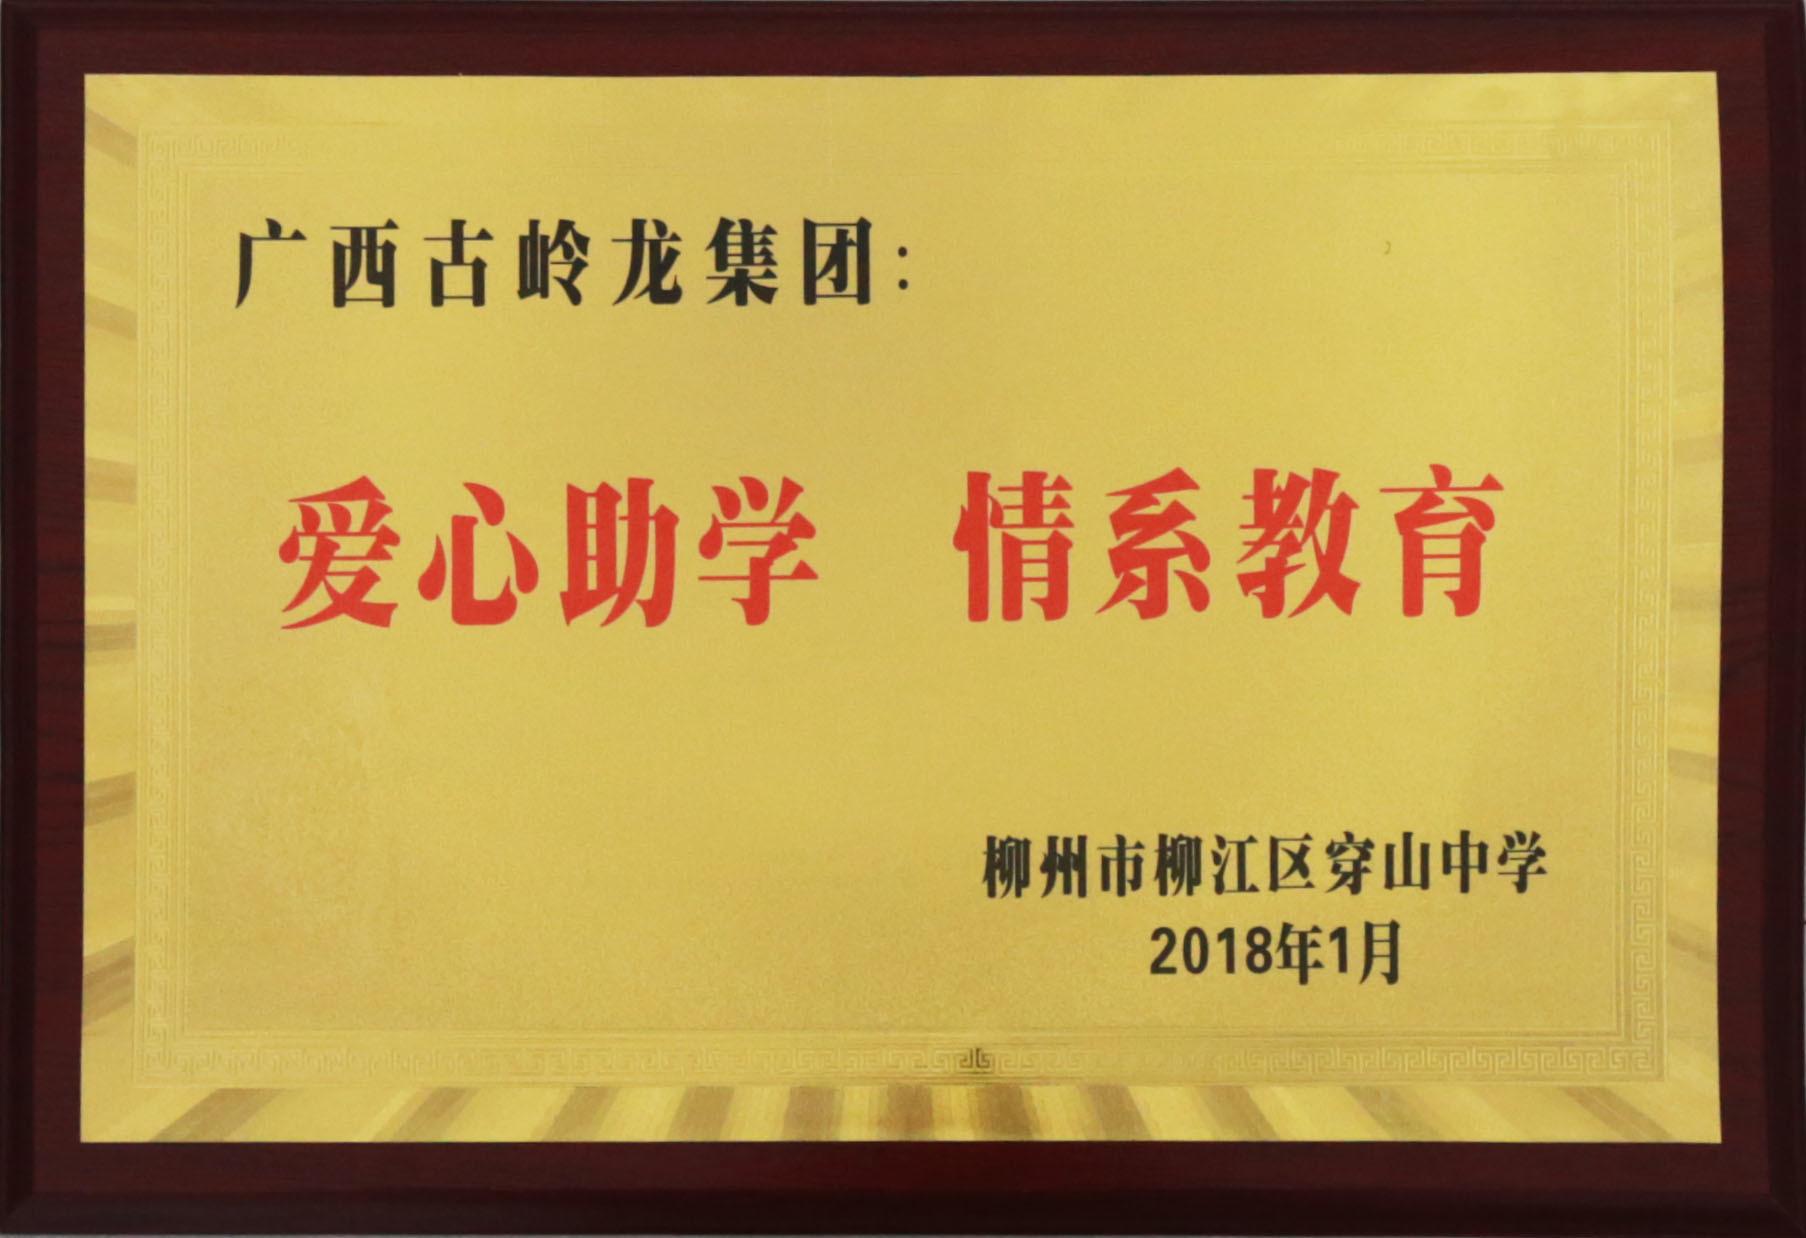 """2017年, 穿山中學授予""""愛心助學  情系教育""""稱號"""